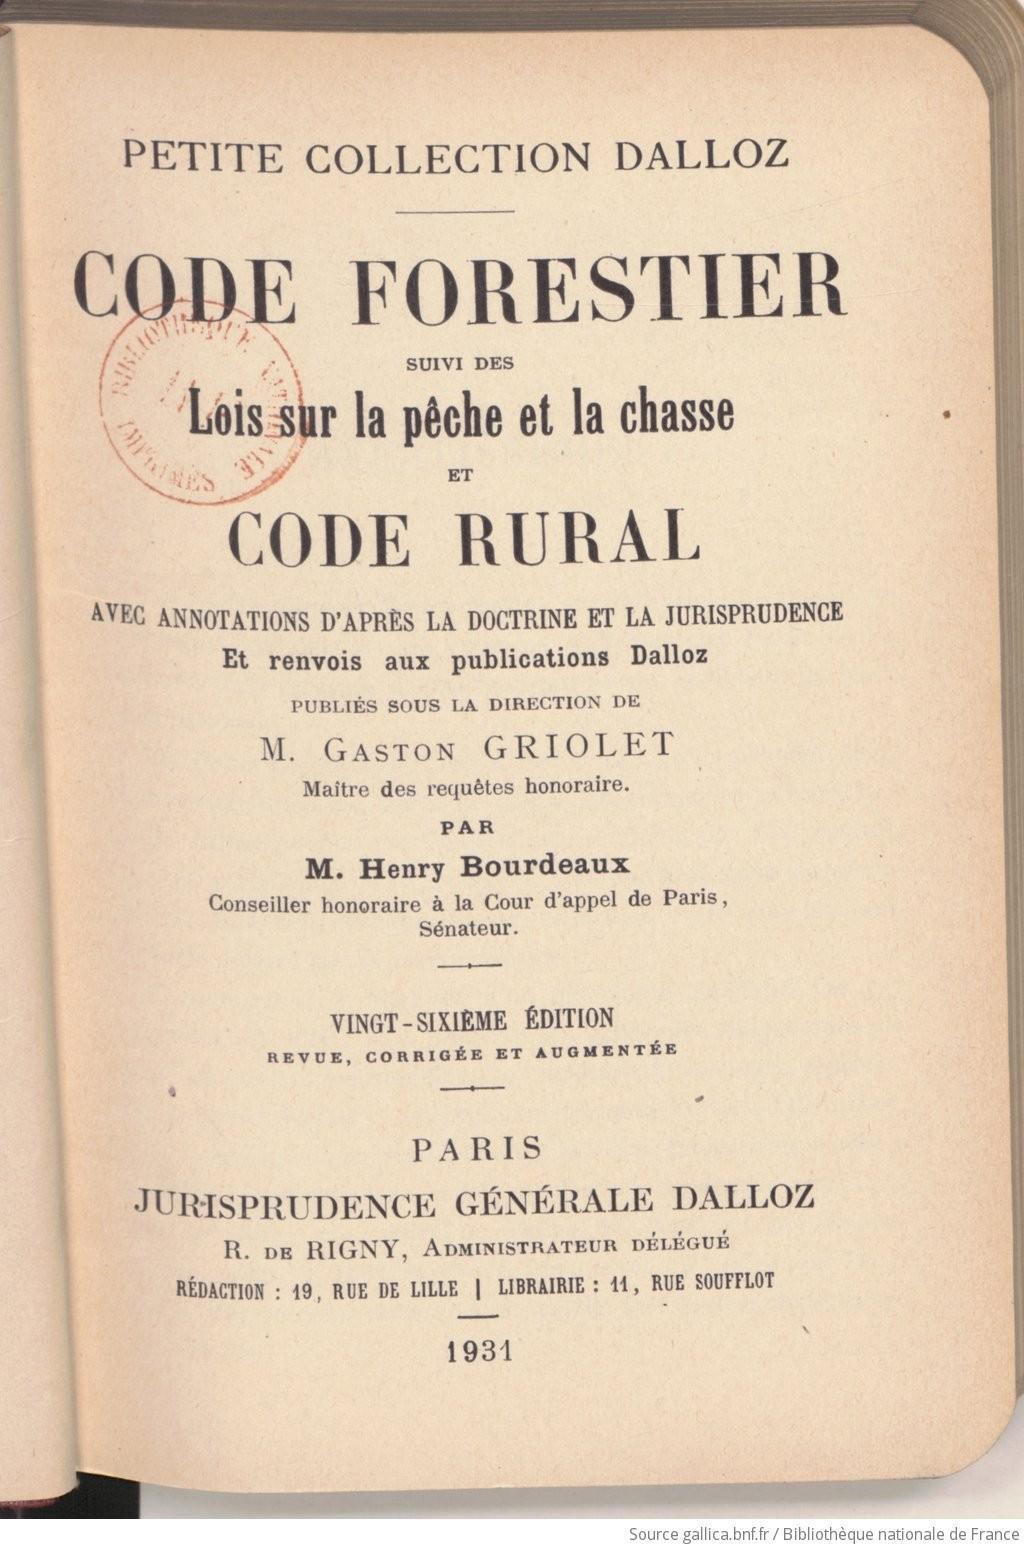 code forestier code rural lois sur la peche et la chasse